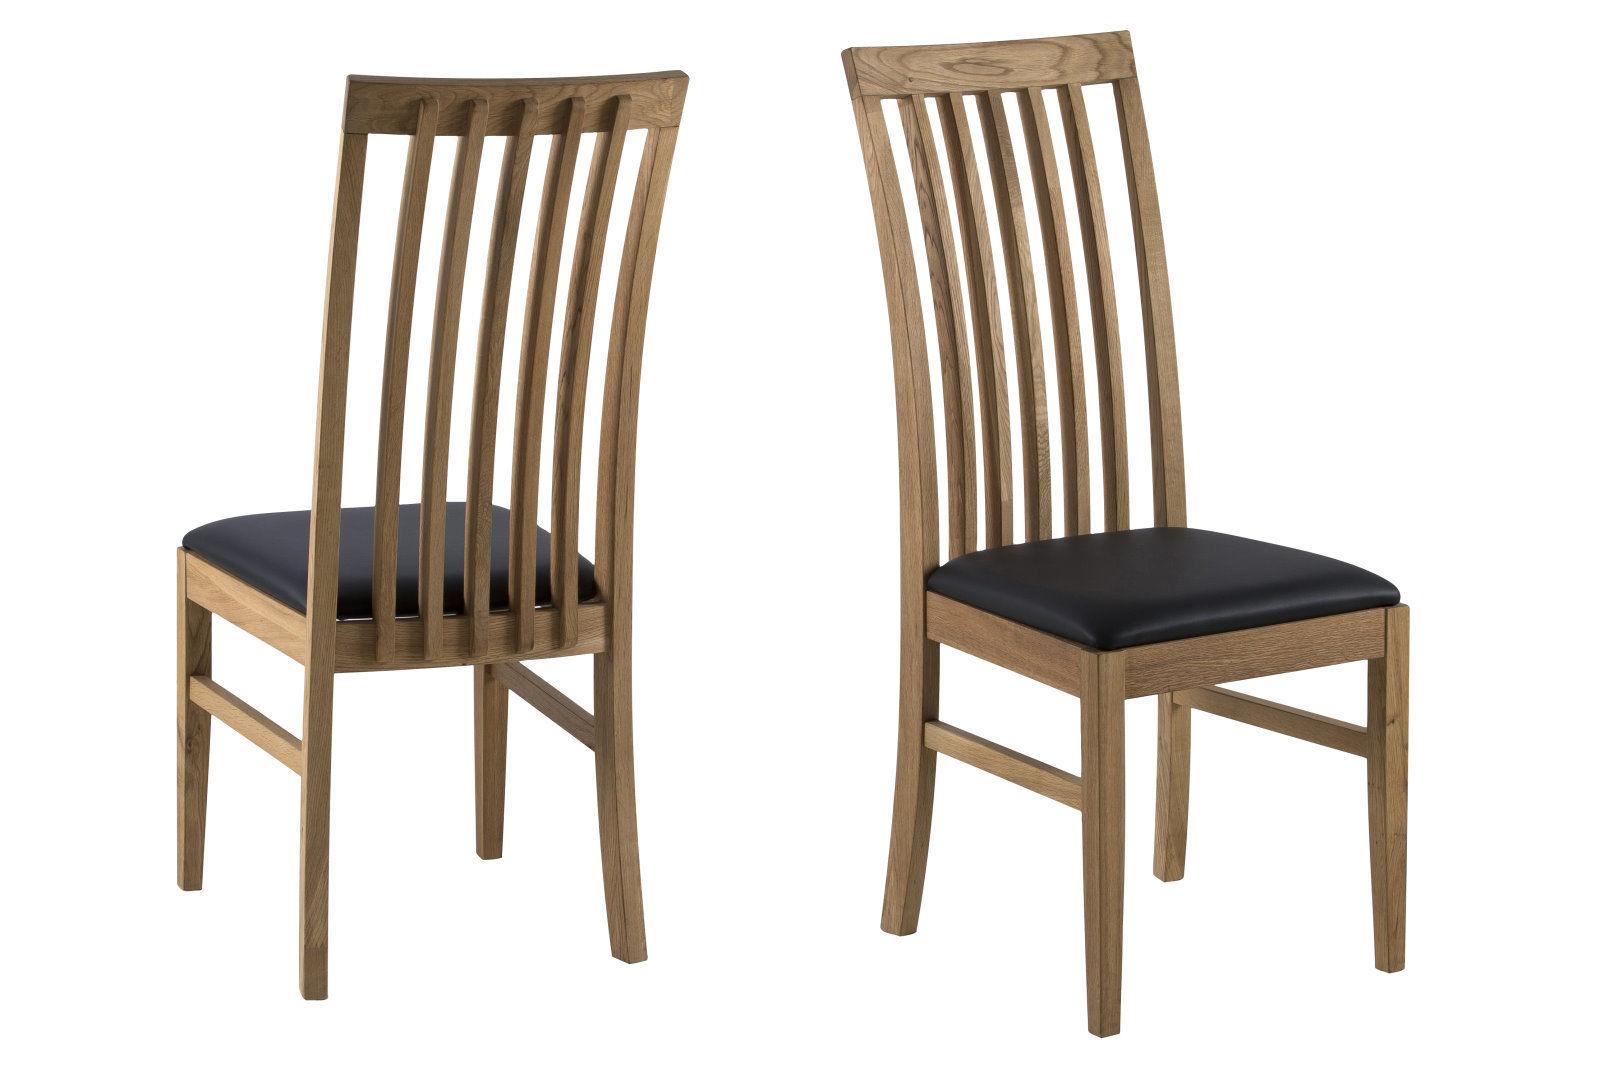 2x pkline esszimmerstuhl stuhlset esszimmer holz stuhl for Designklassiker stuhl holz